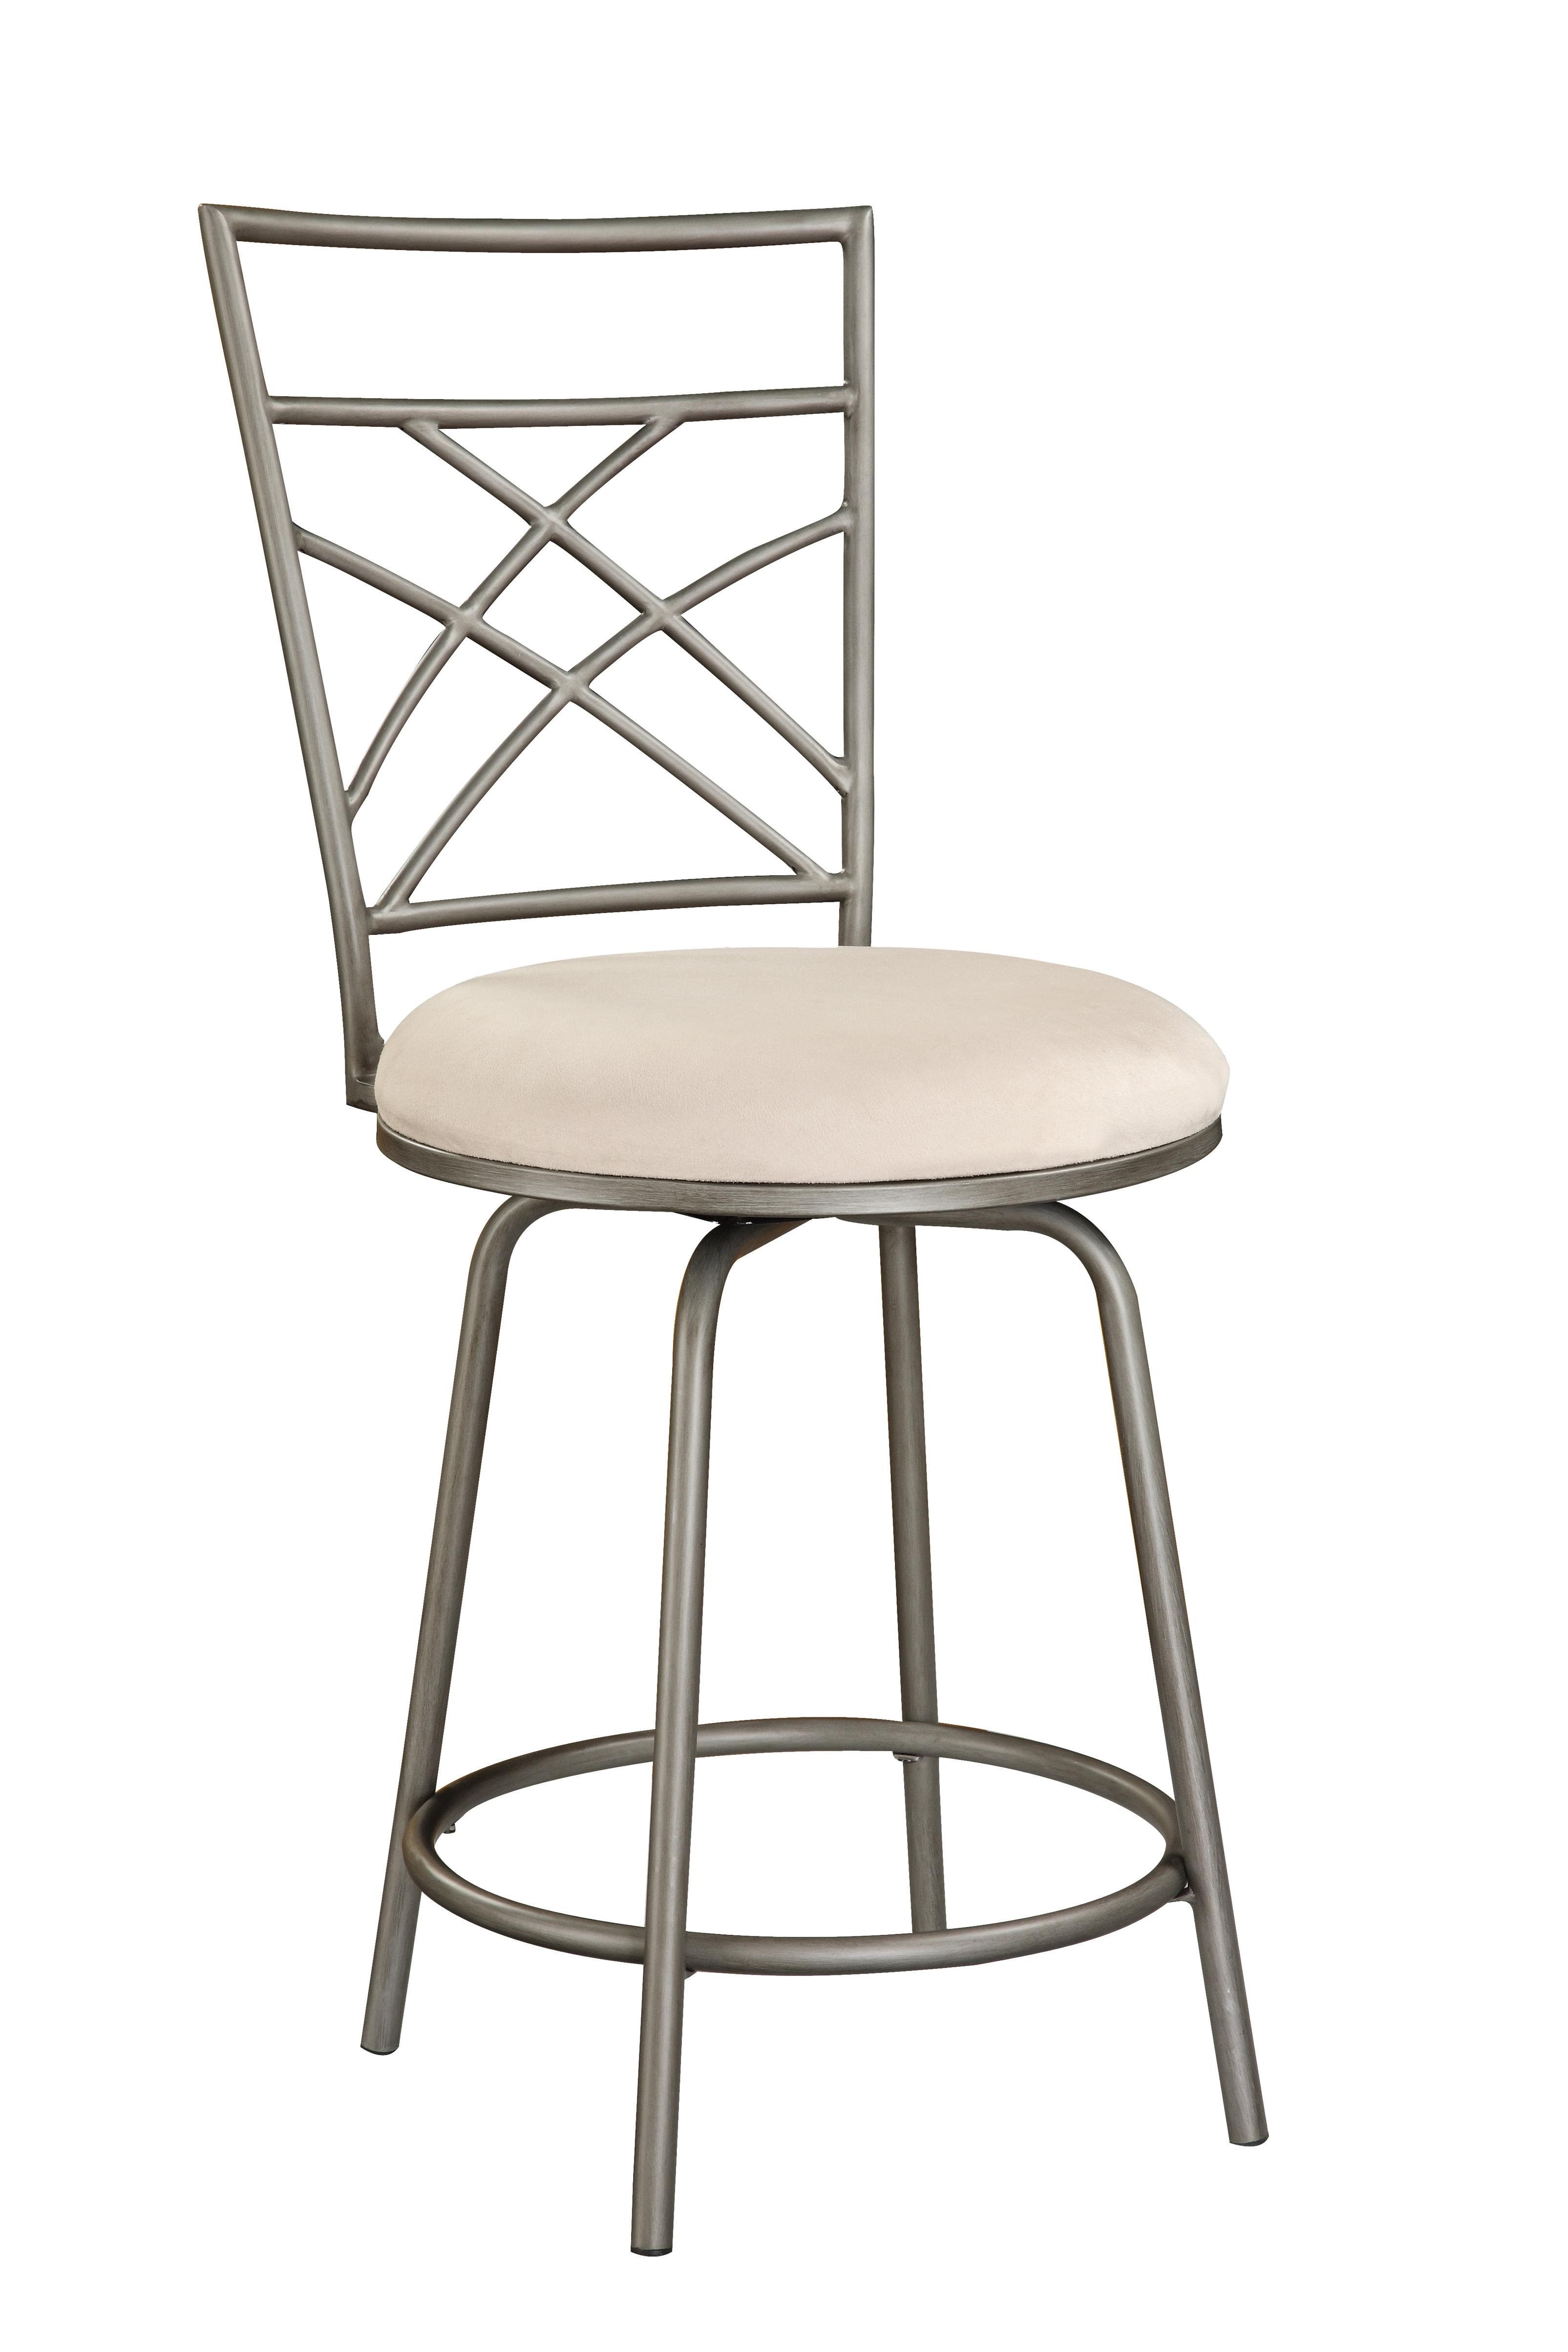 Astounding Criss Cross Counter Stool Pewter Walmart Com Lamtechconsult Wood Chair Design Ideas Lamtechconsultcom